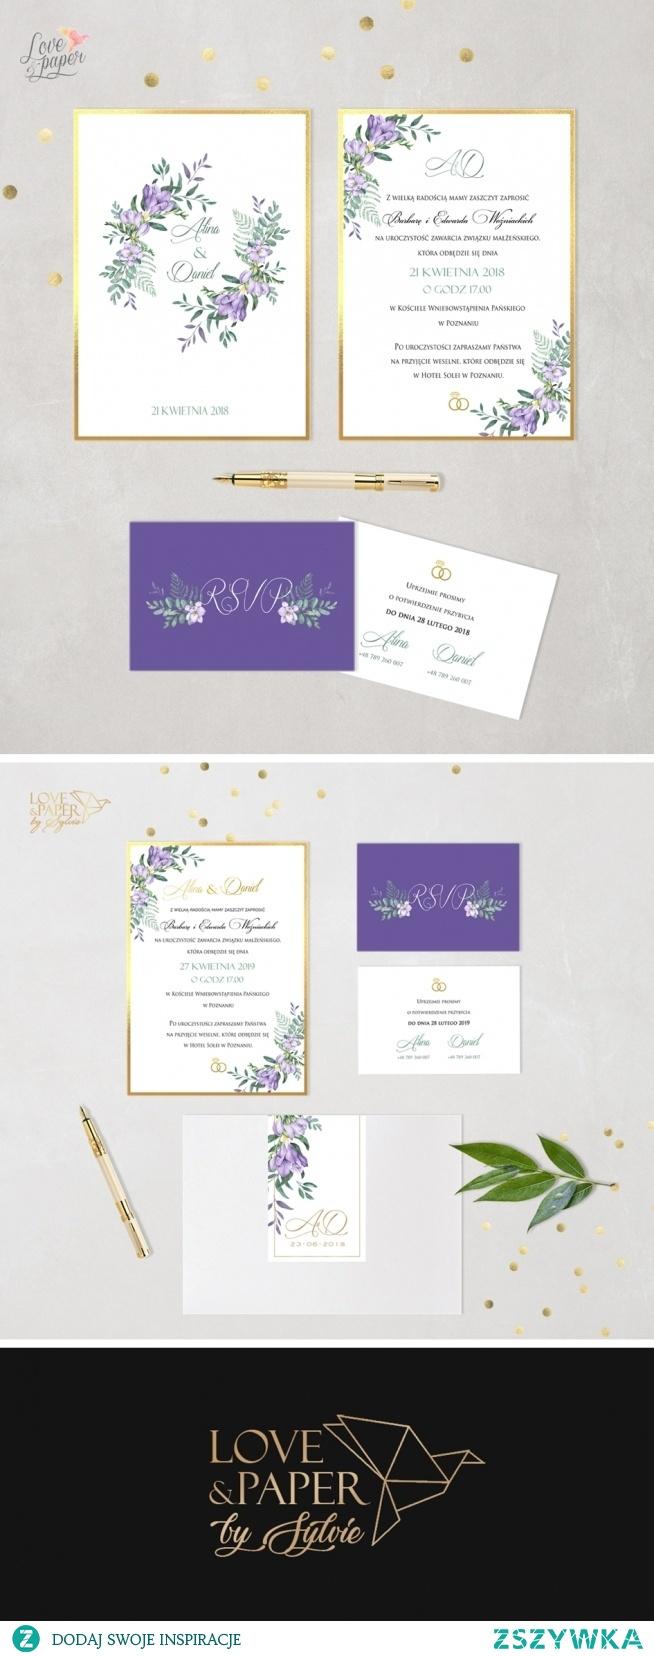 """Zaproszenia ślubne """"Fioletowe frezje"""" , składa się z jednej dużej karty z treścią zaproszenia i dwustronnie zadrukowanej mniejszej karty informacyjnej. Zaproszenia drukowane na wysokogatunkowym papierze podklejone sztywnym kartonikiem lustrzane złoto."""